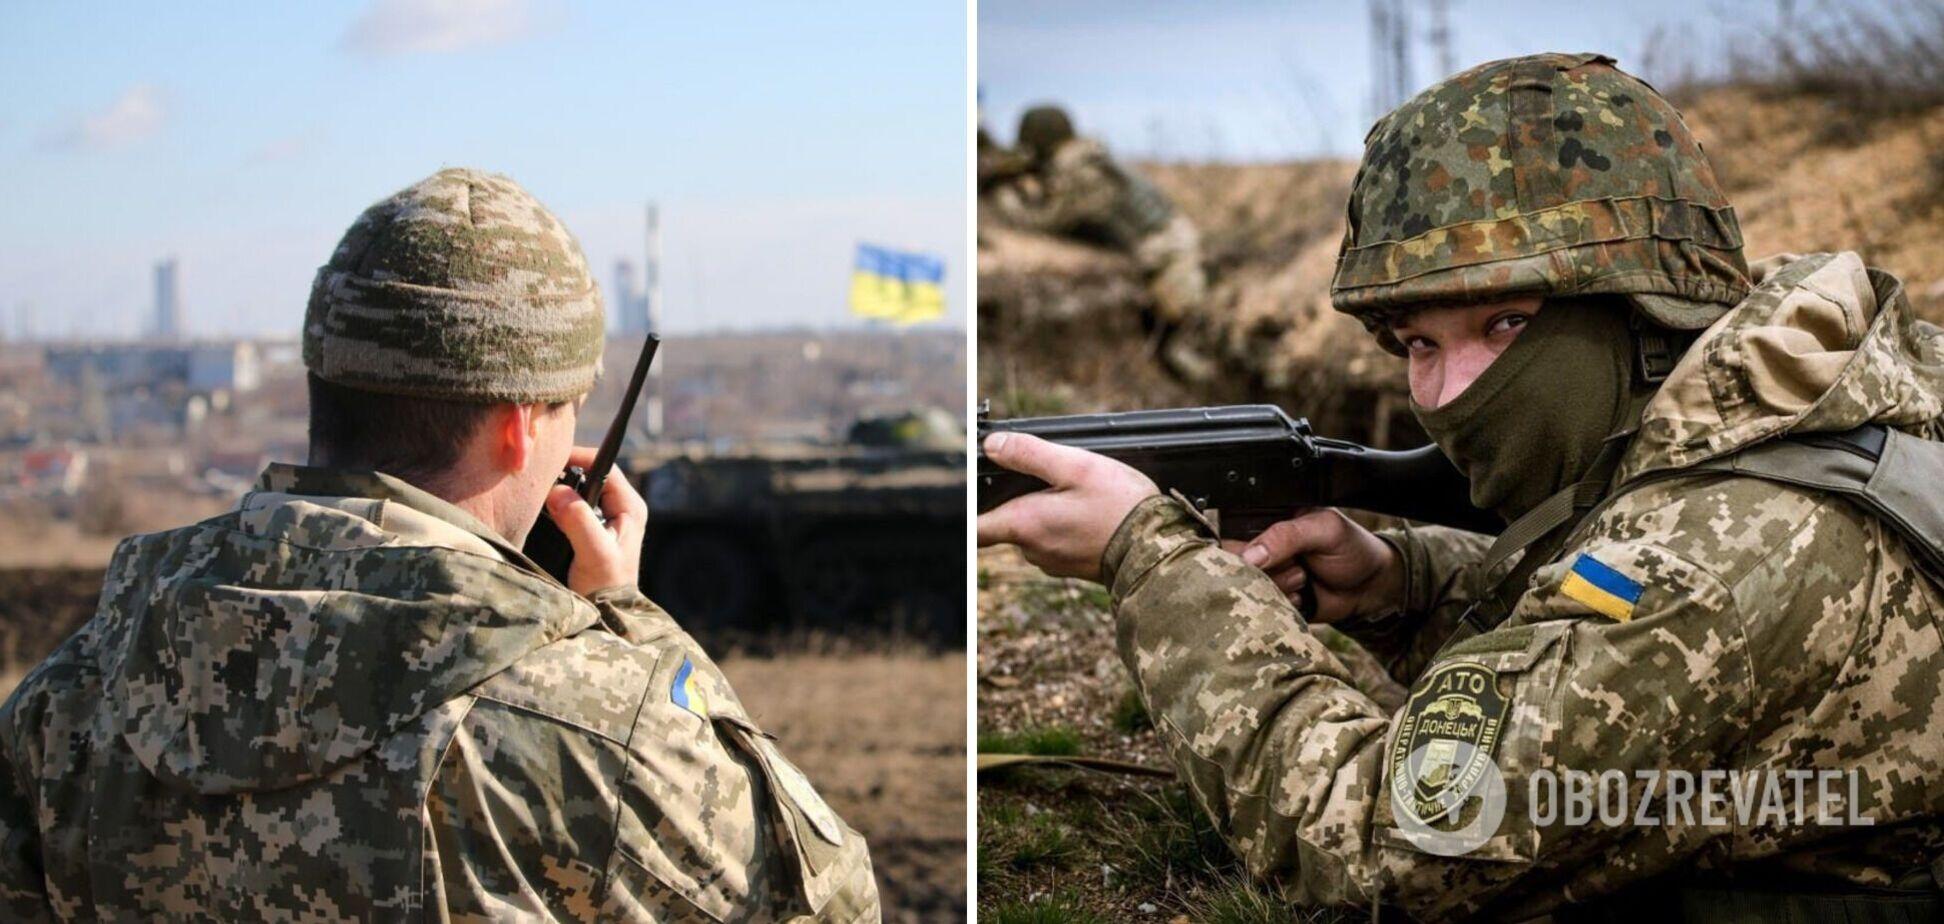 Найманці Росії вдарили по воїнах ЗСУ з гранатометів